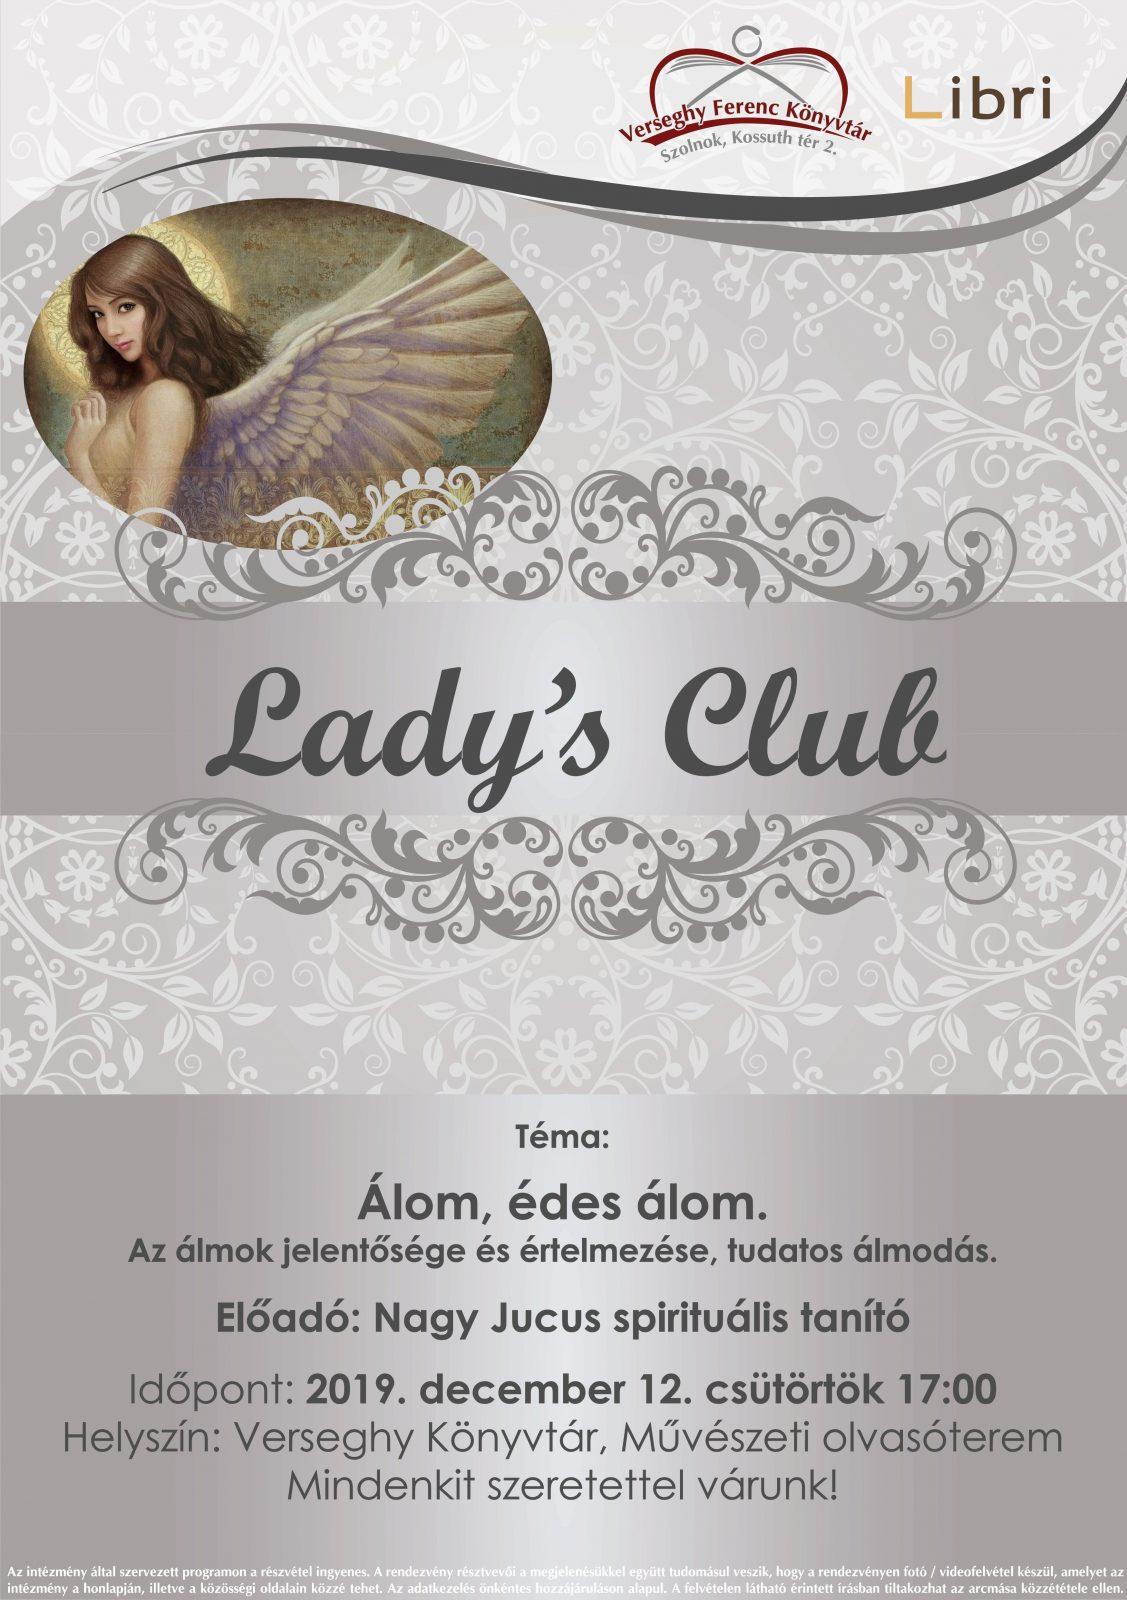 2019.12.12. Lady's Club. Plakát